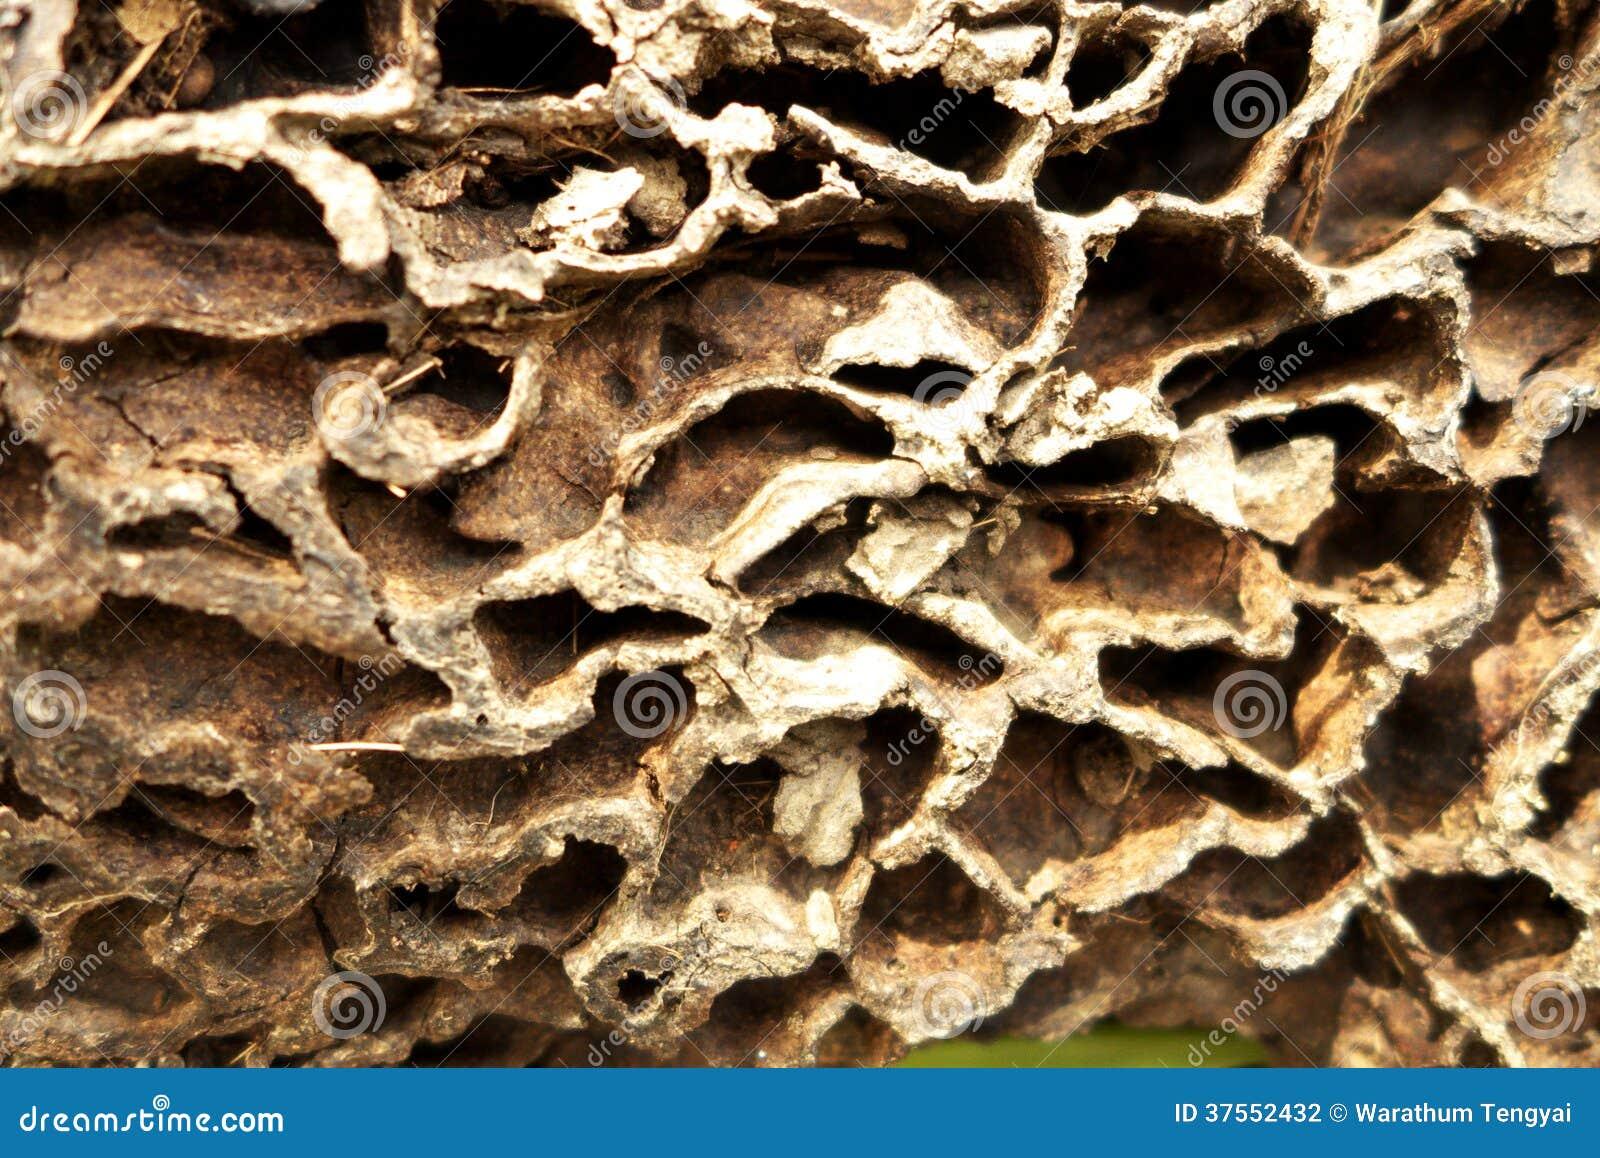 Ant Nest Background Stock Photography - Image: 37552432